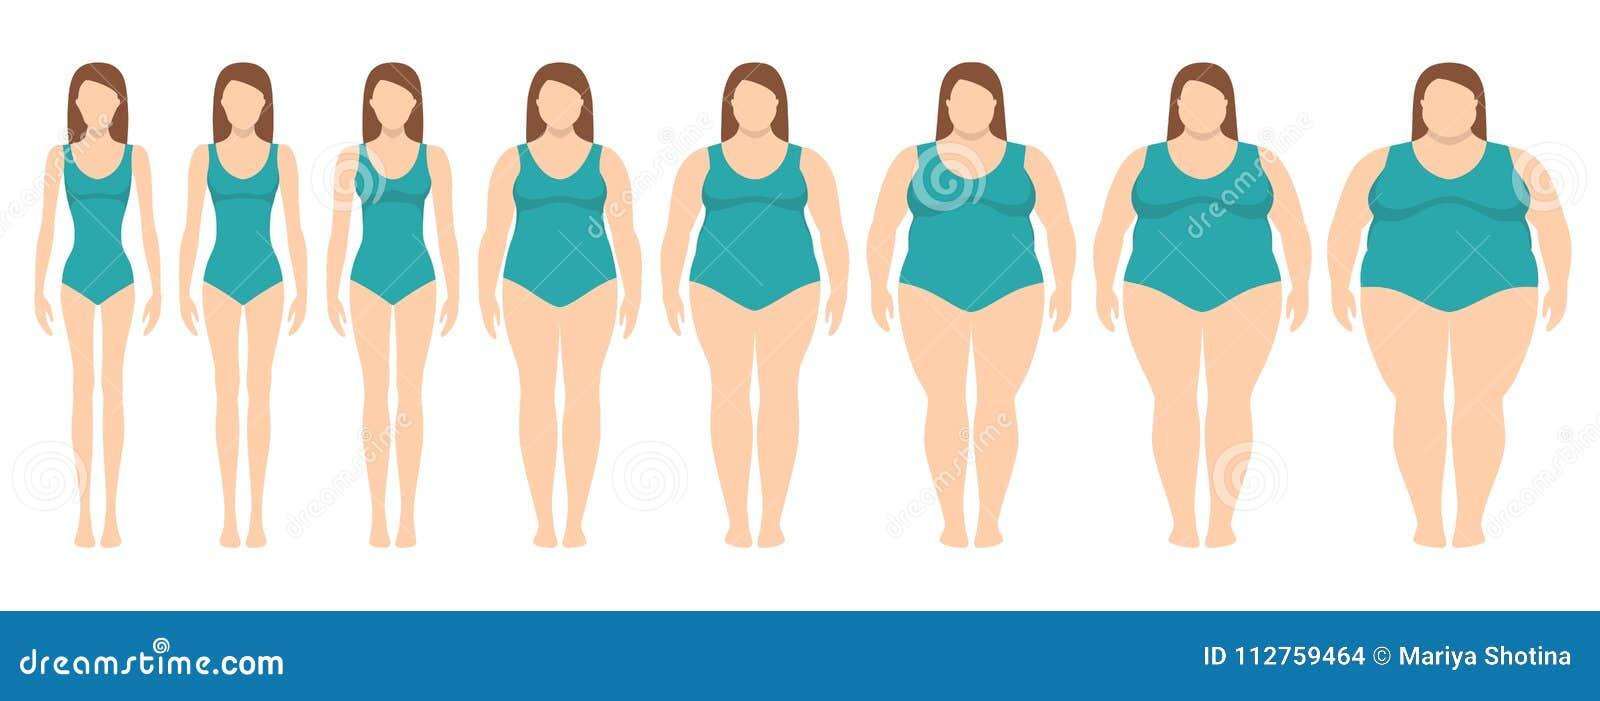 vector illustration von frauen mit unterschiedlichem gewicht von der magersucht zu extrem. Black Bedroom Furniture Sets. Home Design Ideas